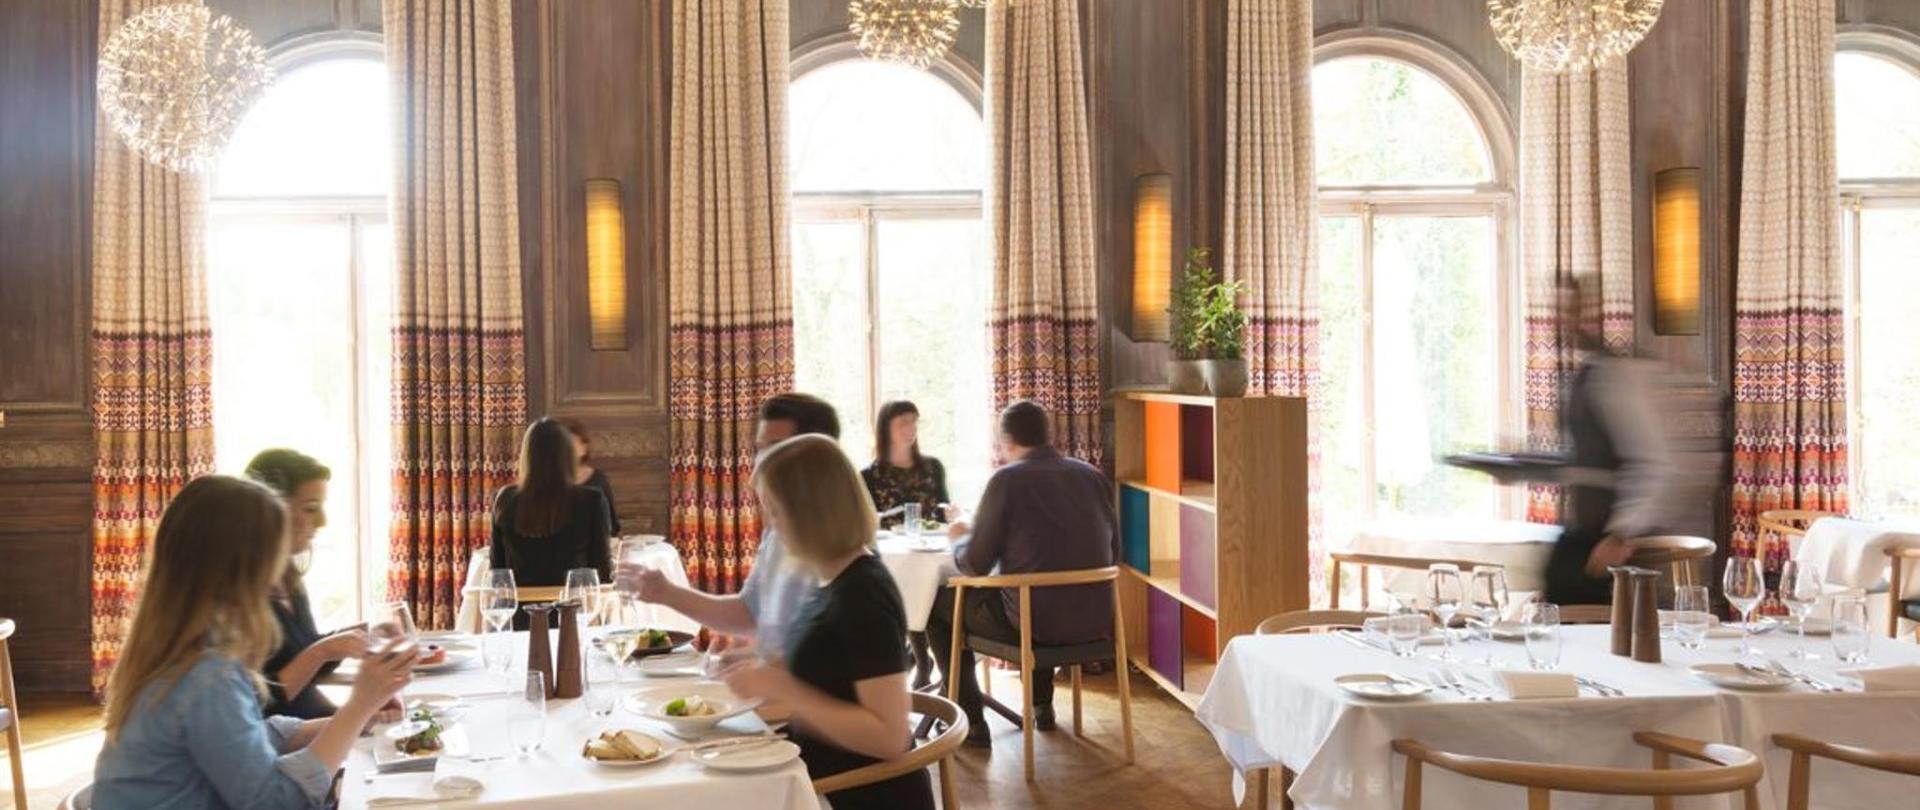 Malt Restaurant.jpg